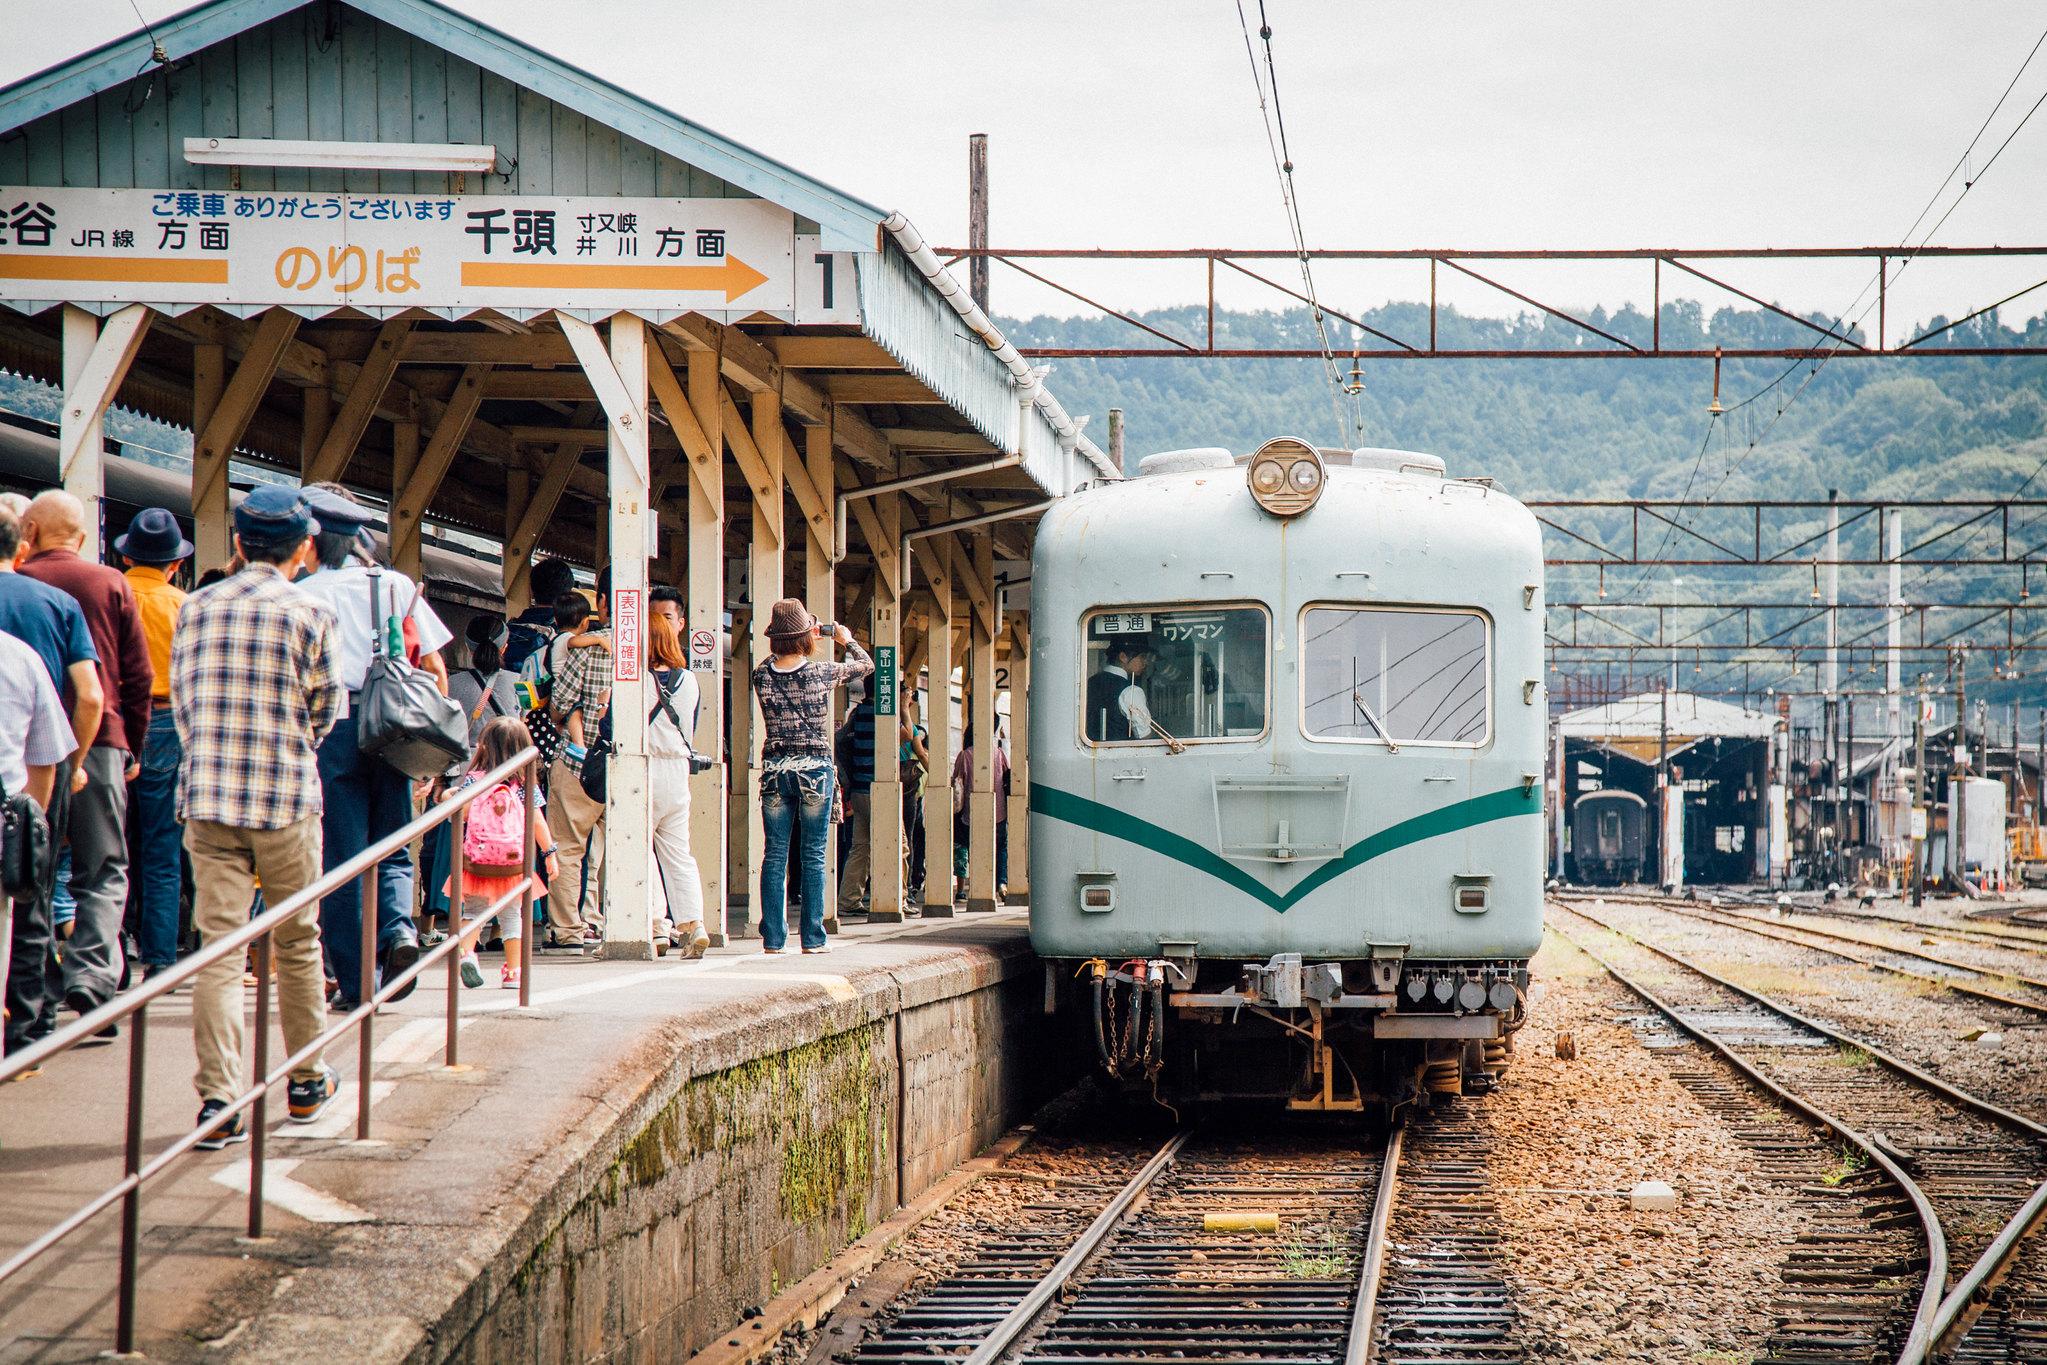 2014-09-26 大井川鉄道 010